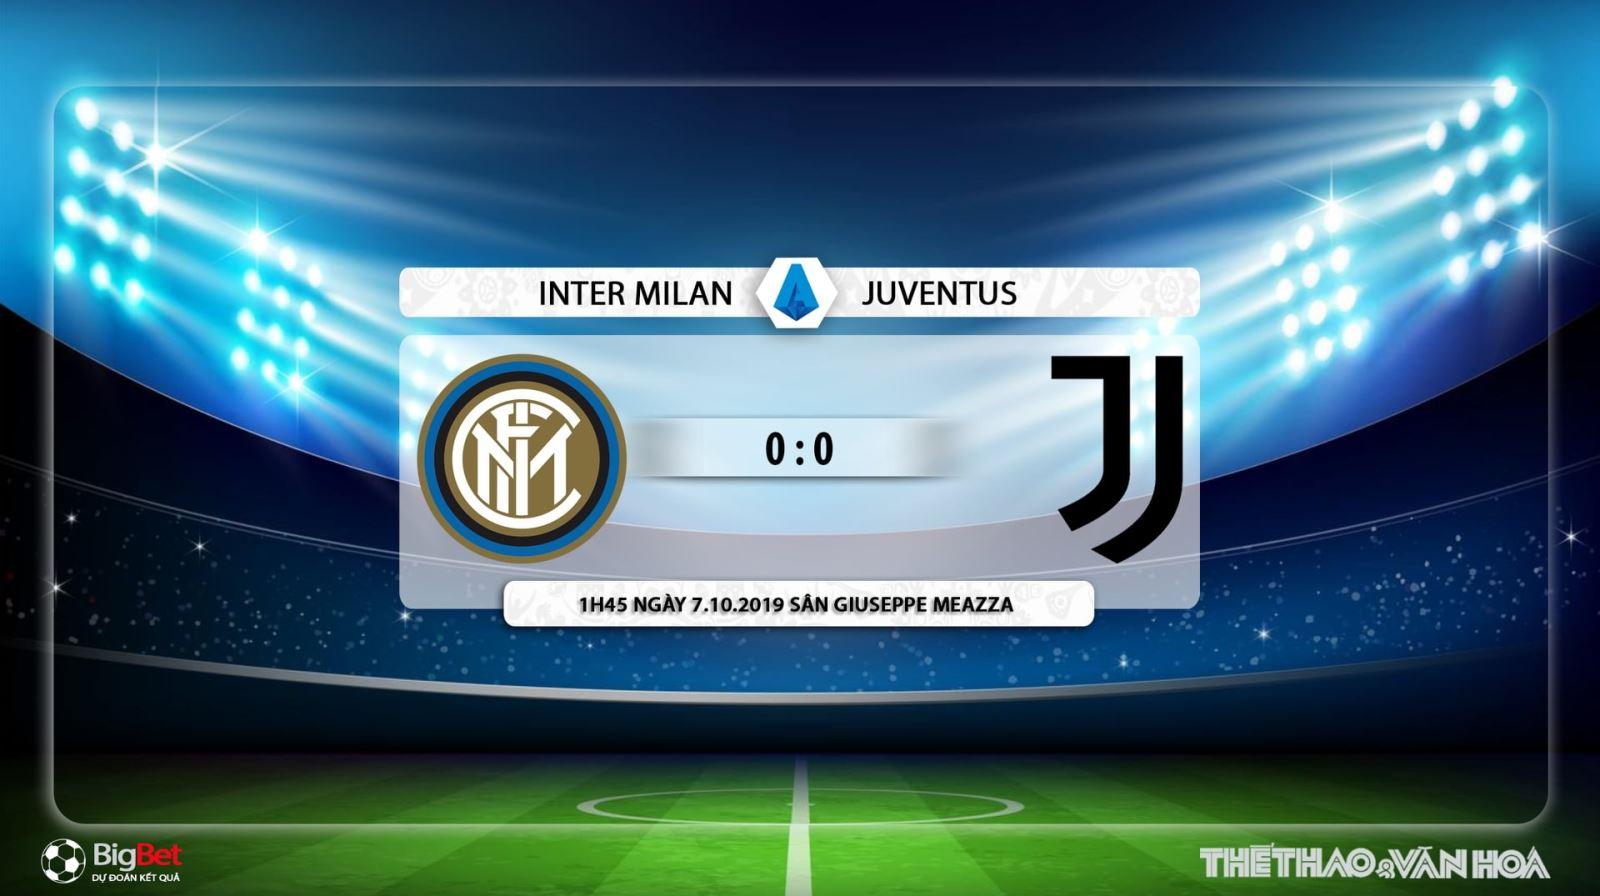 soi kèo bóng đá, Inter Milan đấu với Juventus , truc tiep bong da hôm nay, Inter Milan vs Juventus, trực tiếp bóng đá, FPT Play, Inter Milan, xem bóng đá trực tuyến, Juventus